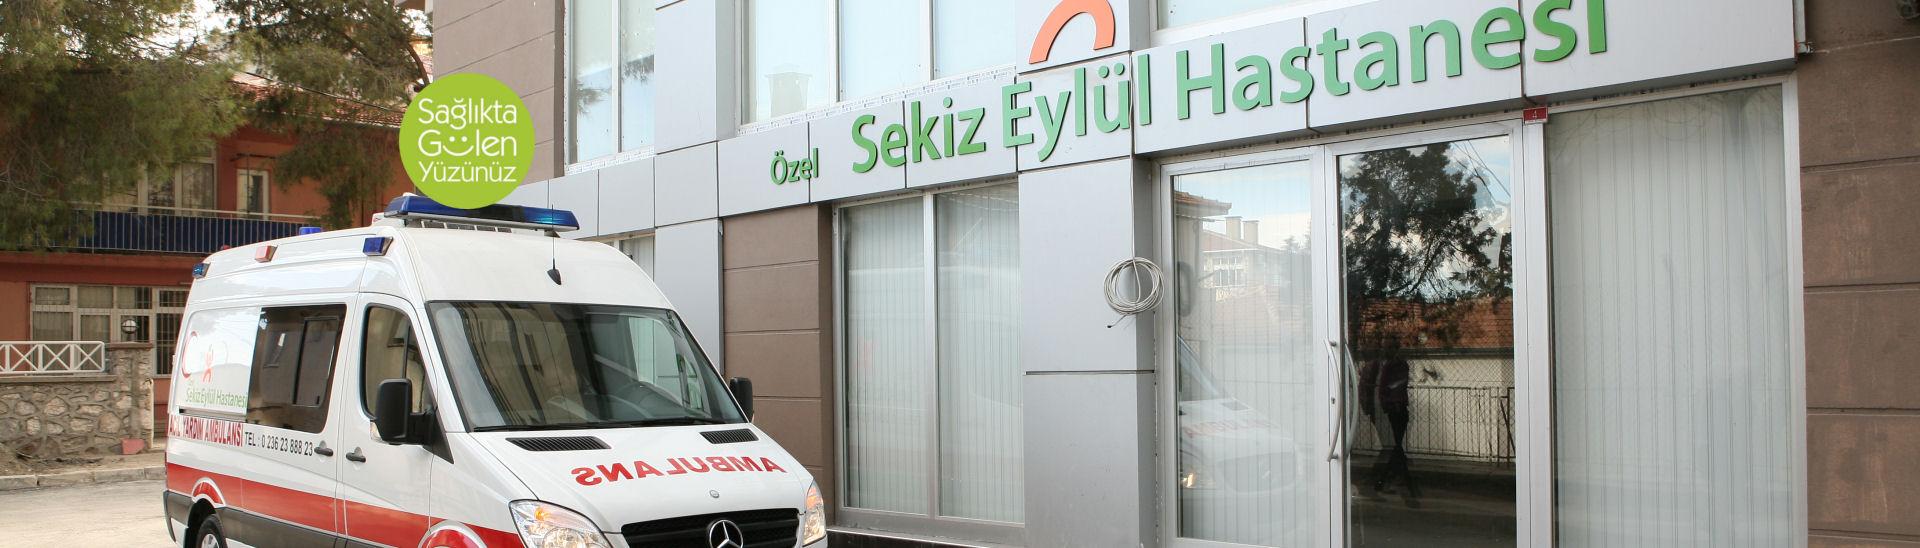 Özel Sekizeylul Hastanesi